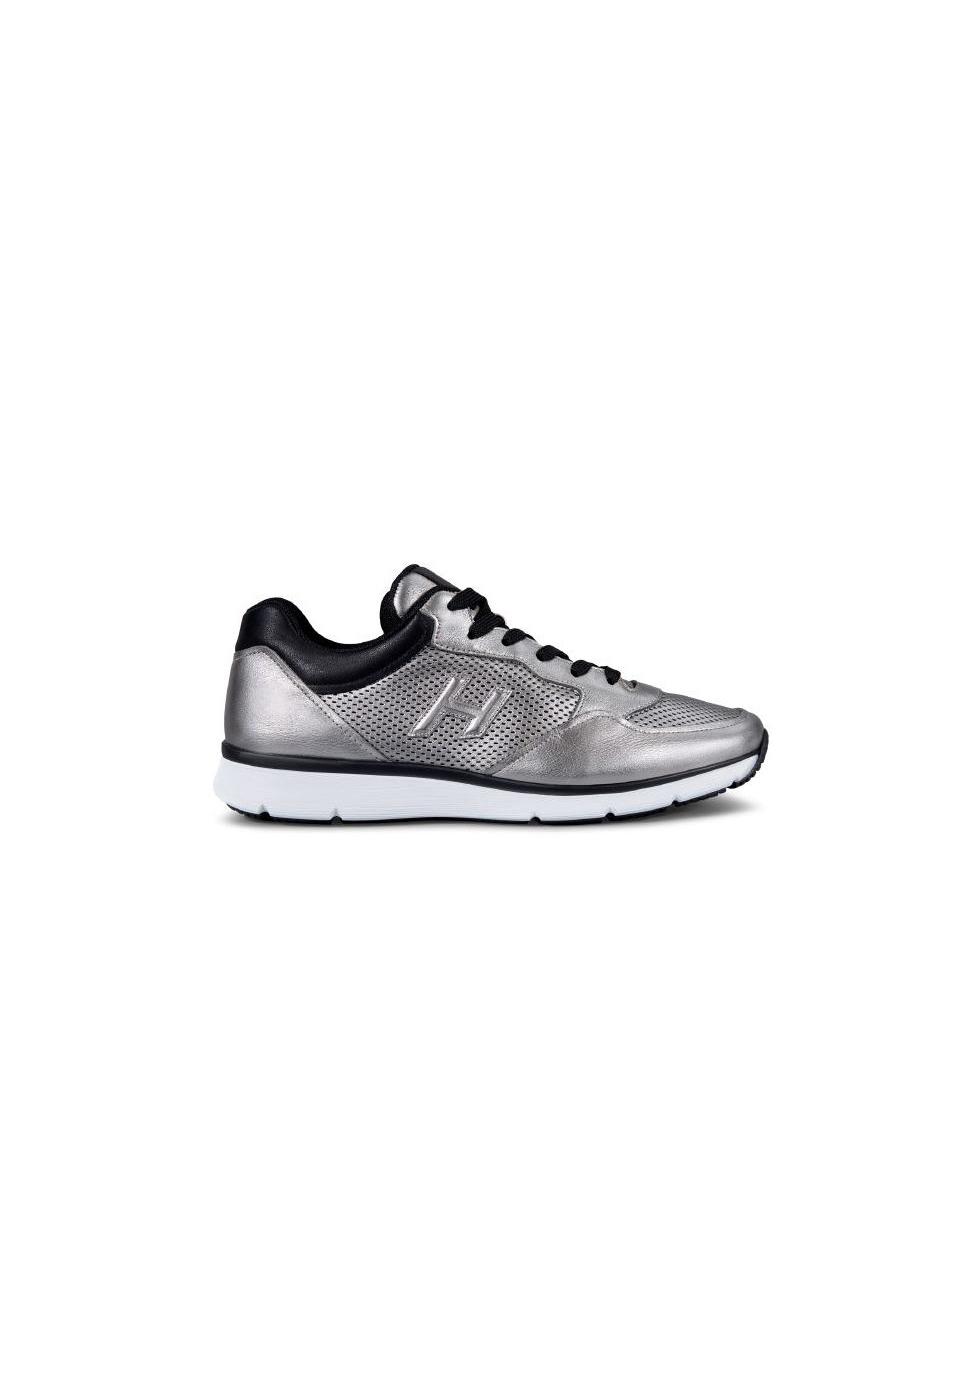 fad704390aa59 Sneakers Hogan uomo in pelle laminata color argento - Italian Boutique